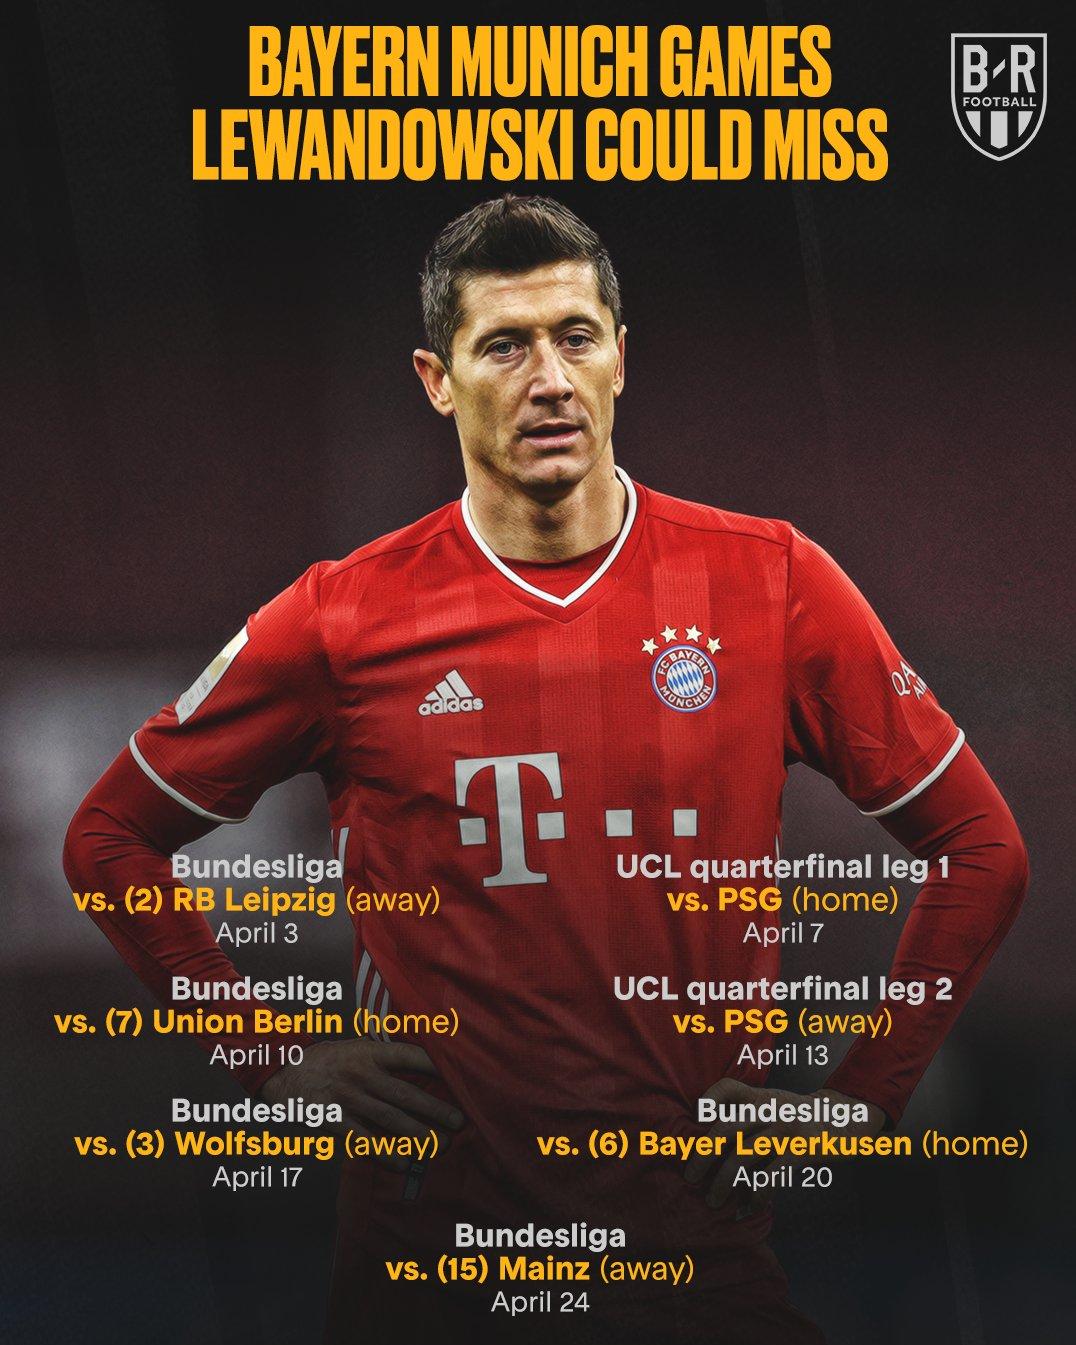 لواندوفسکی در کدام بازیها غایب خواهد بود؟/عکس